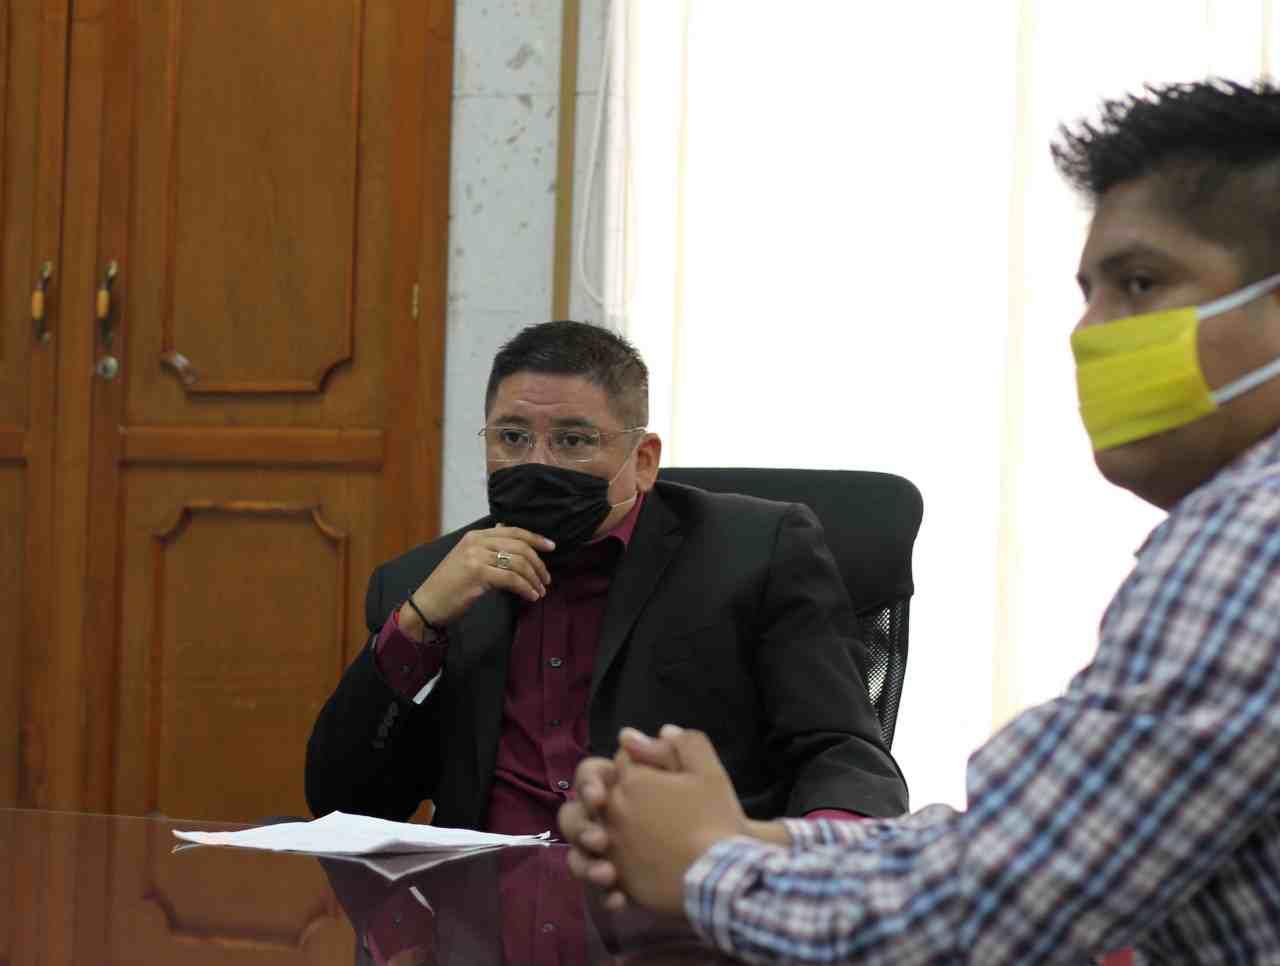 CONGRESO MANTIENE ACTIVIDADES ACATANDO MEDIDAS SANITARIAS